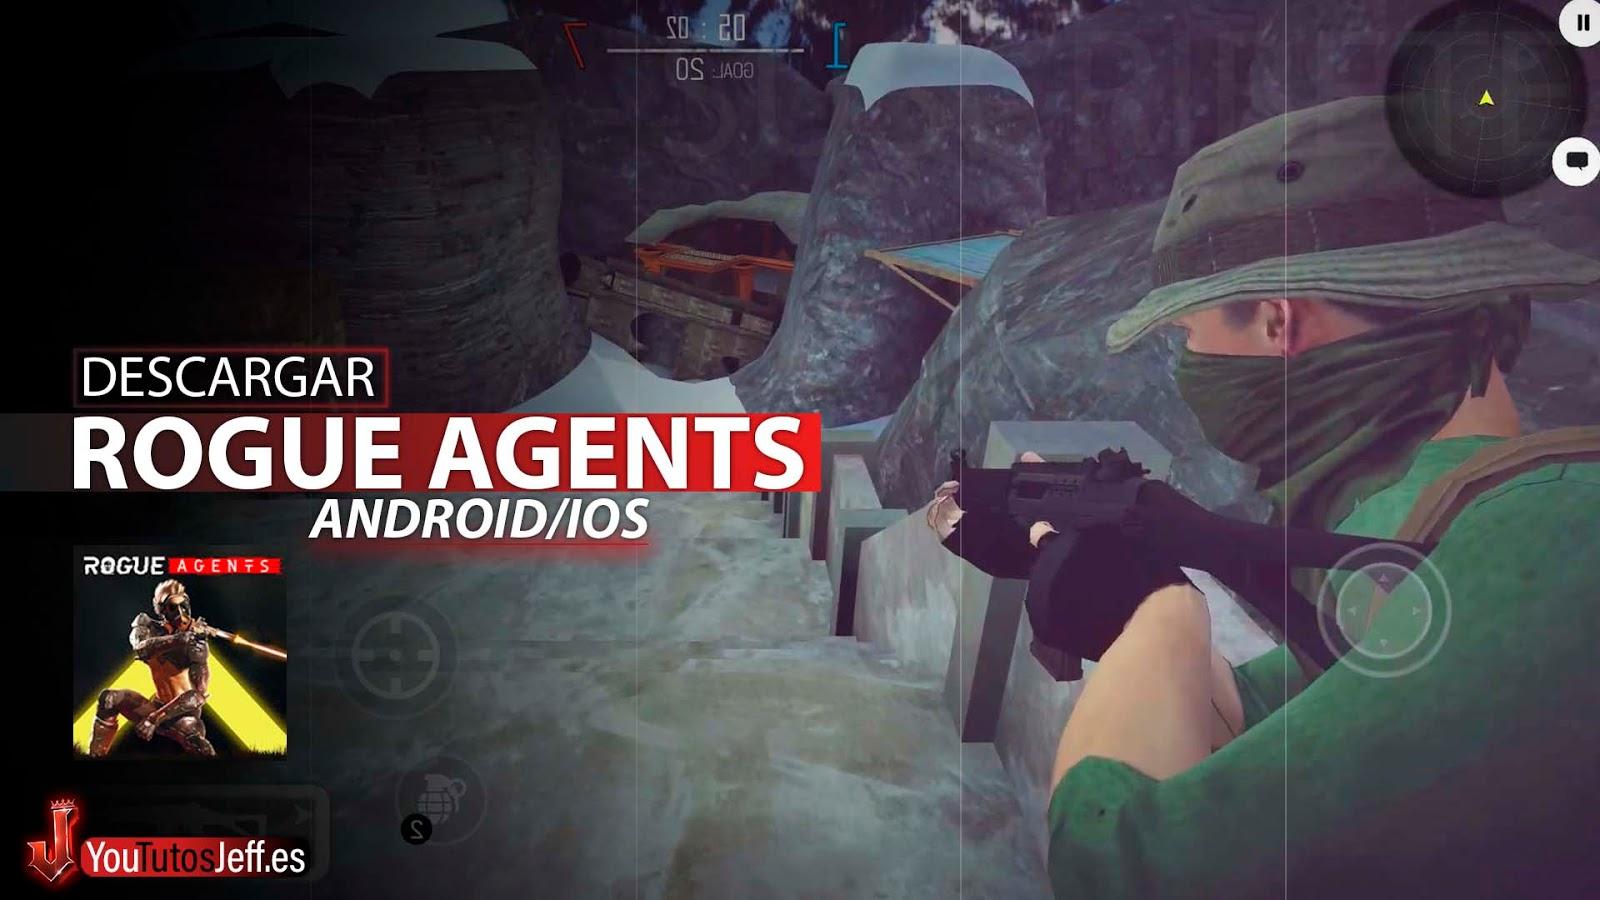 Shooter con Parkour, Descargar Rogue Agents Android o iOS